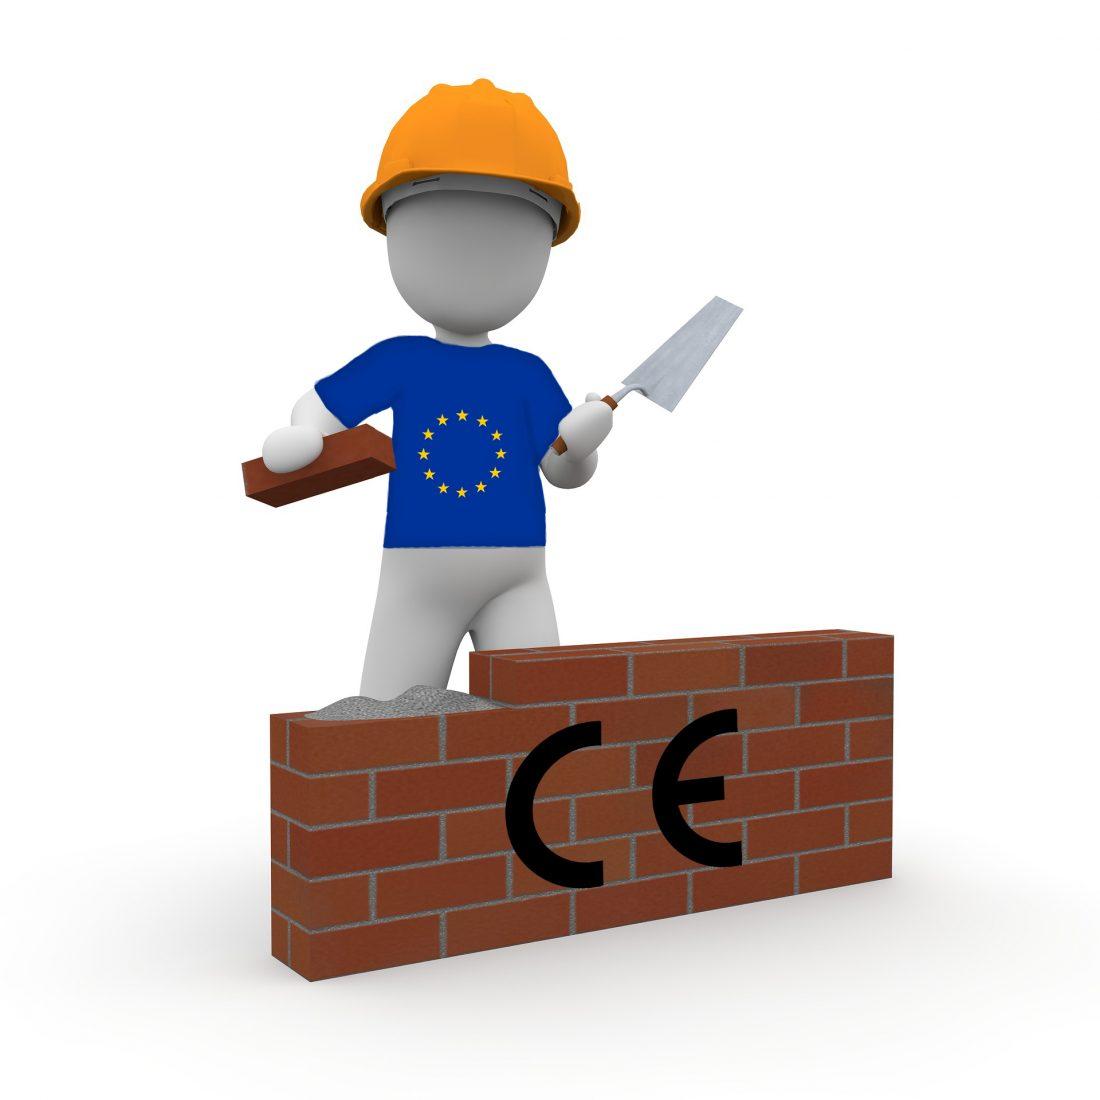 Die Bauproduktenverordnung regelt die Bedingungen für das Inverkehrbringen von Bauprodukten innerhalb der Europäischen Union. Grafik: Pixabay/Redaktion